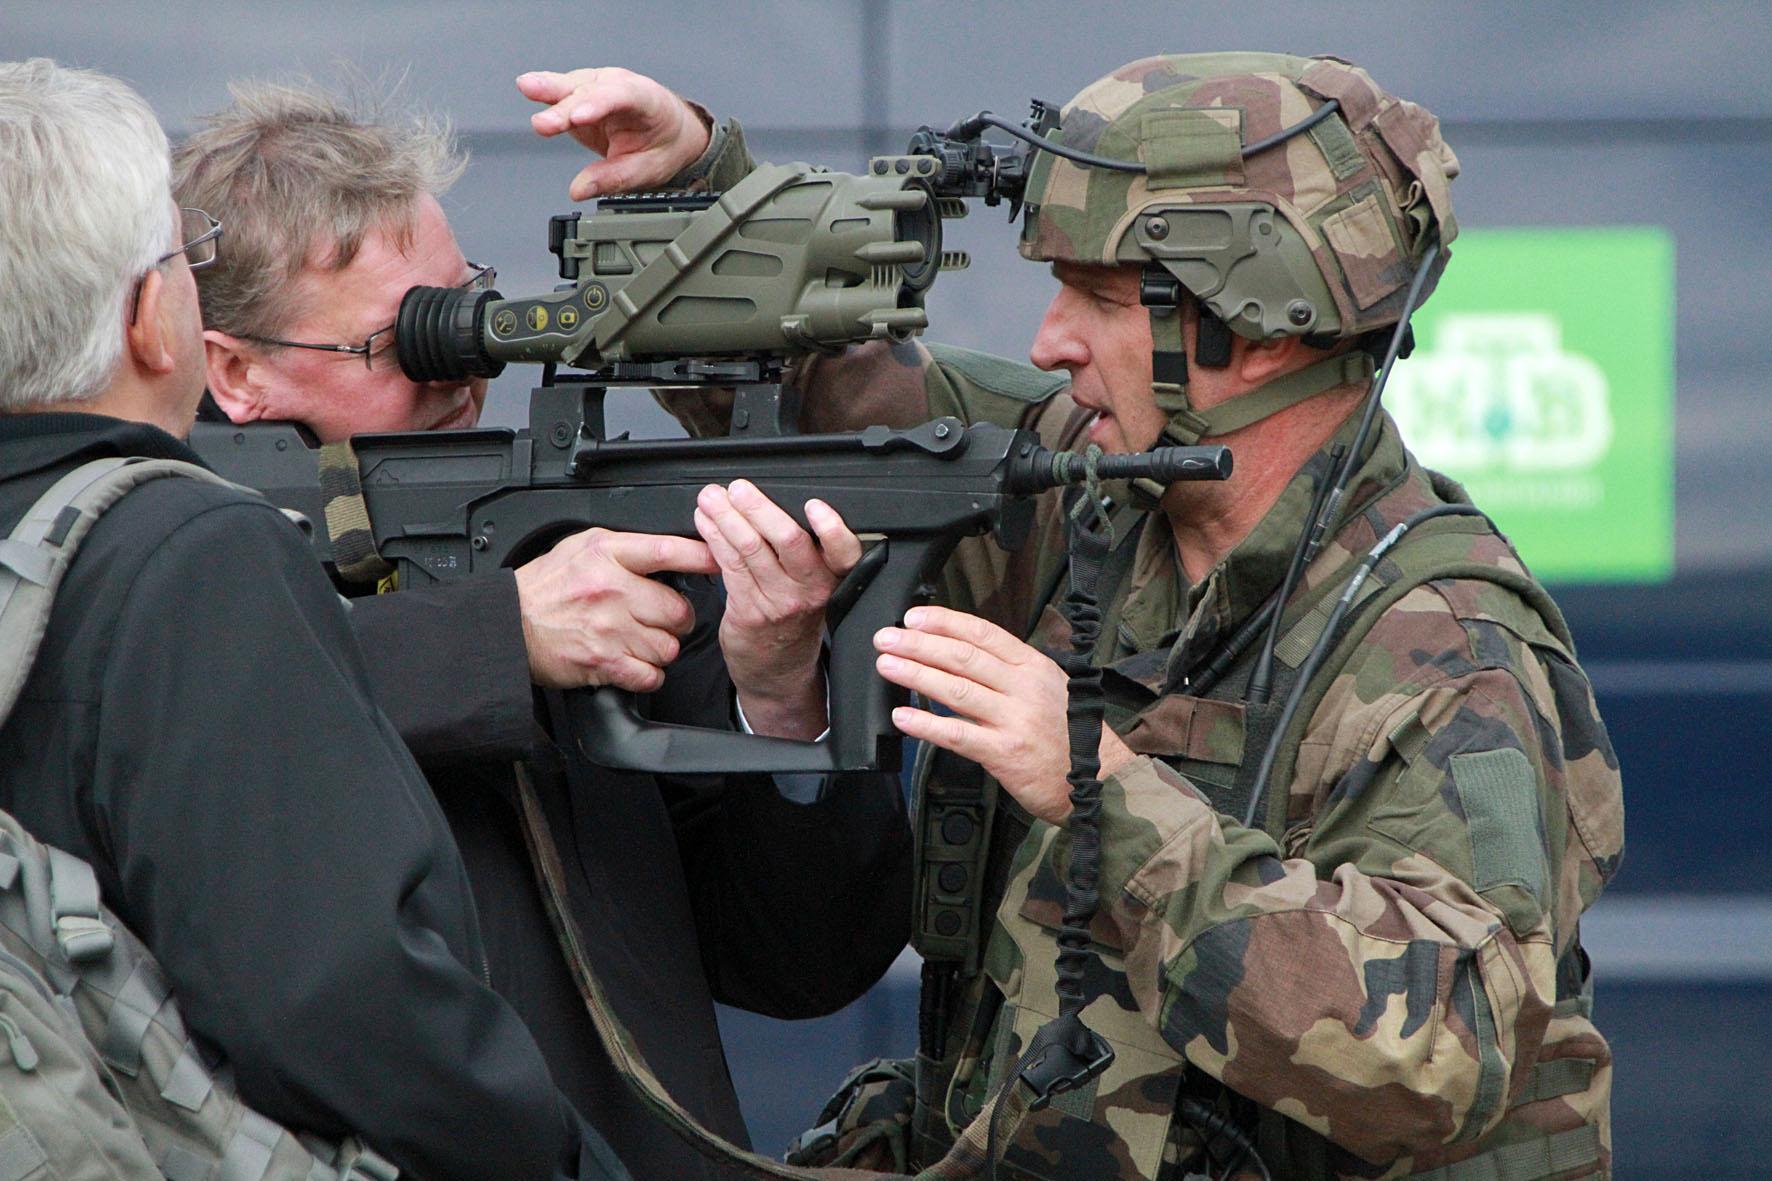 この展示会では、ロシアと海外の武器メーカーの積極的な交流が目立った。